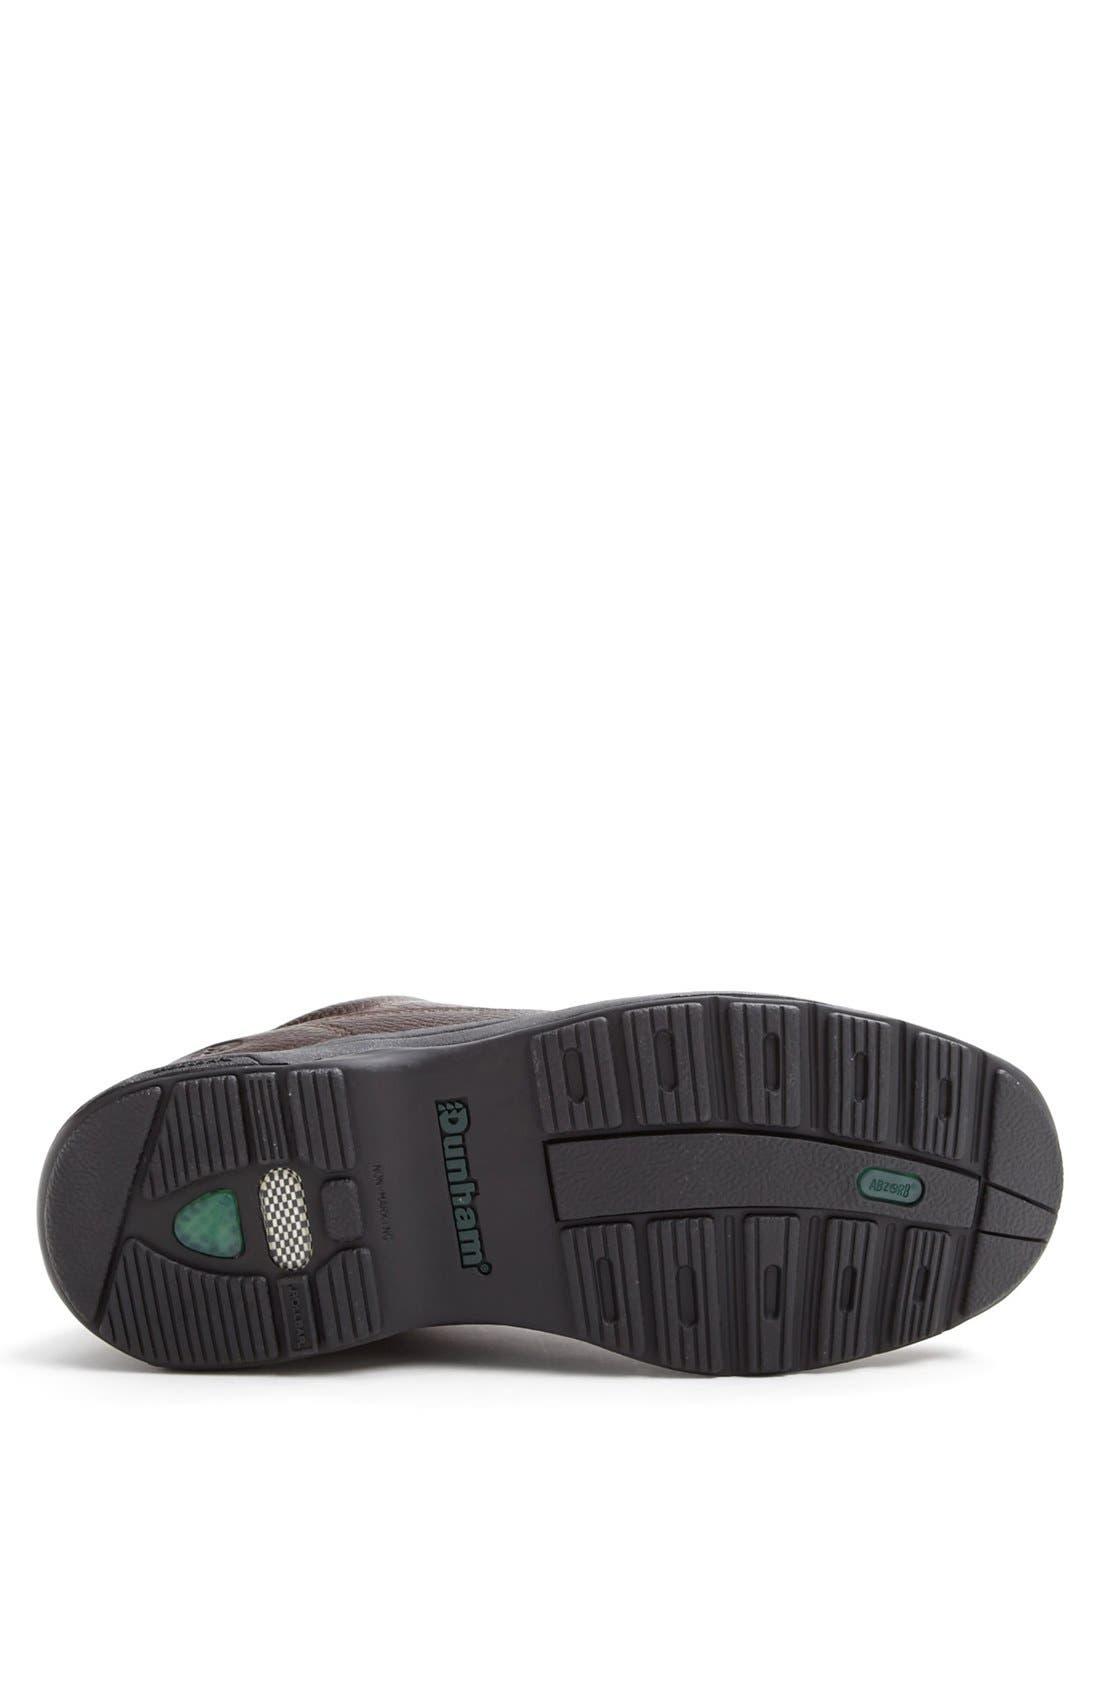 Alternate Image 4  - Dunham 'Windsor' Sneaker